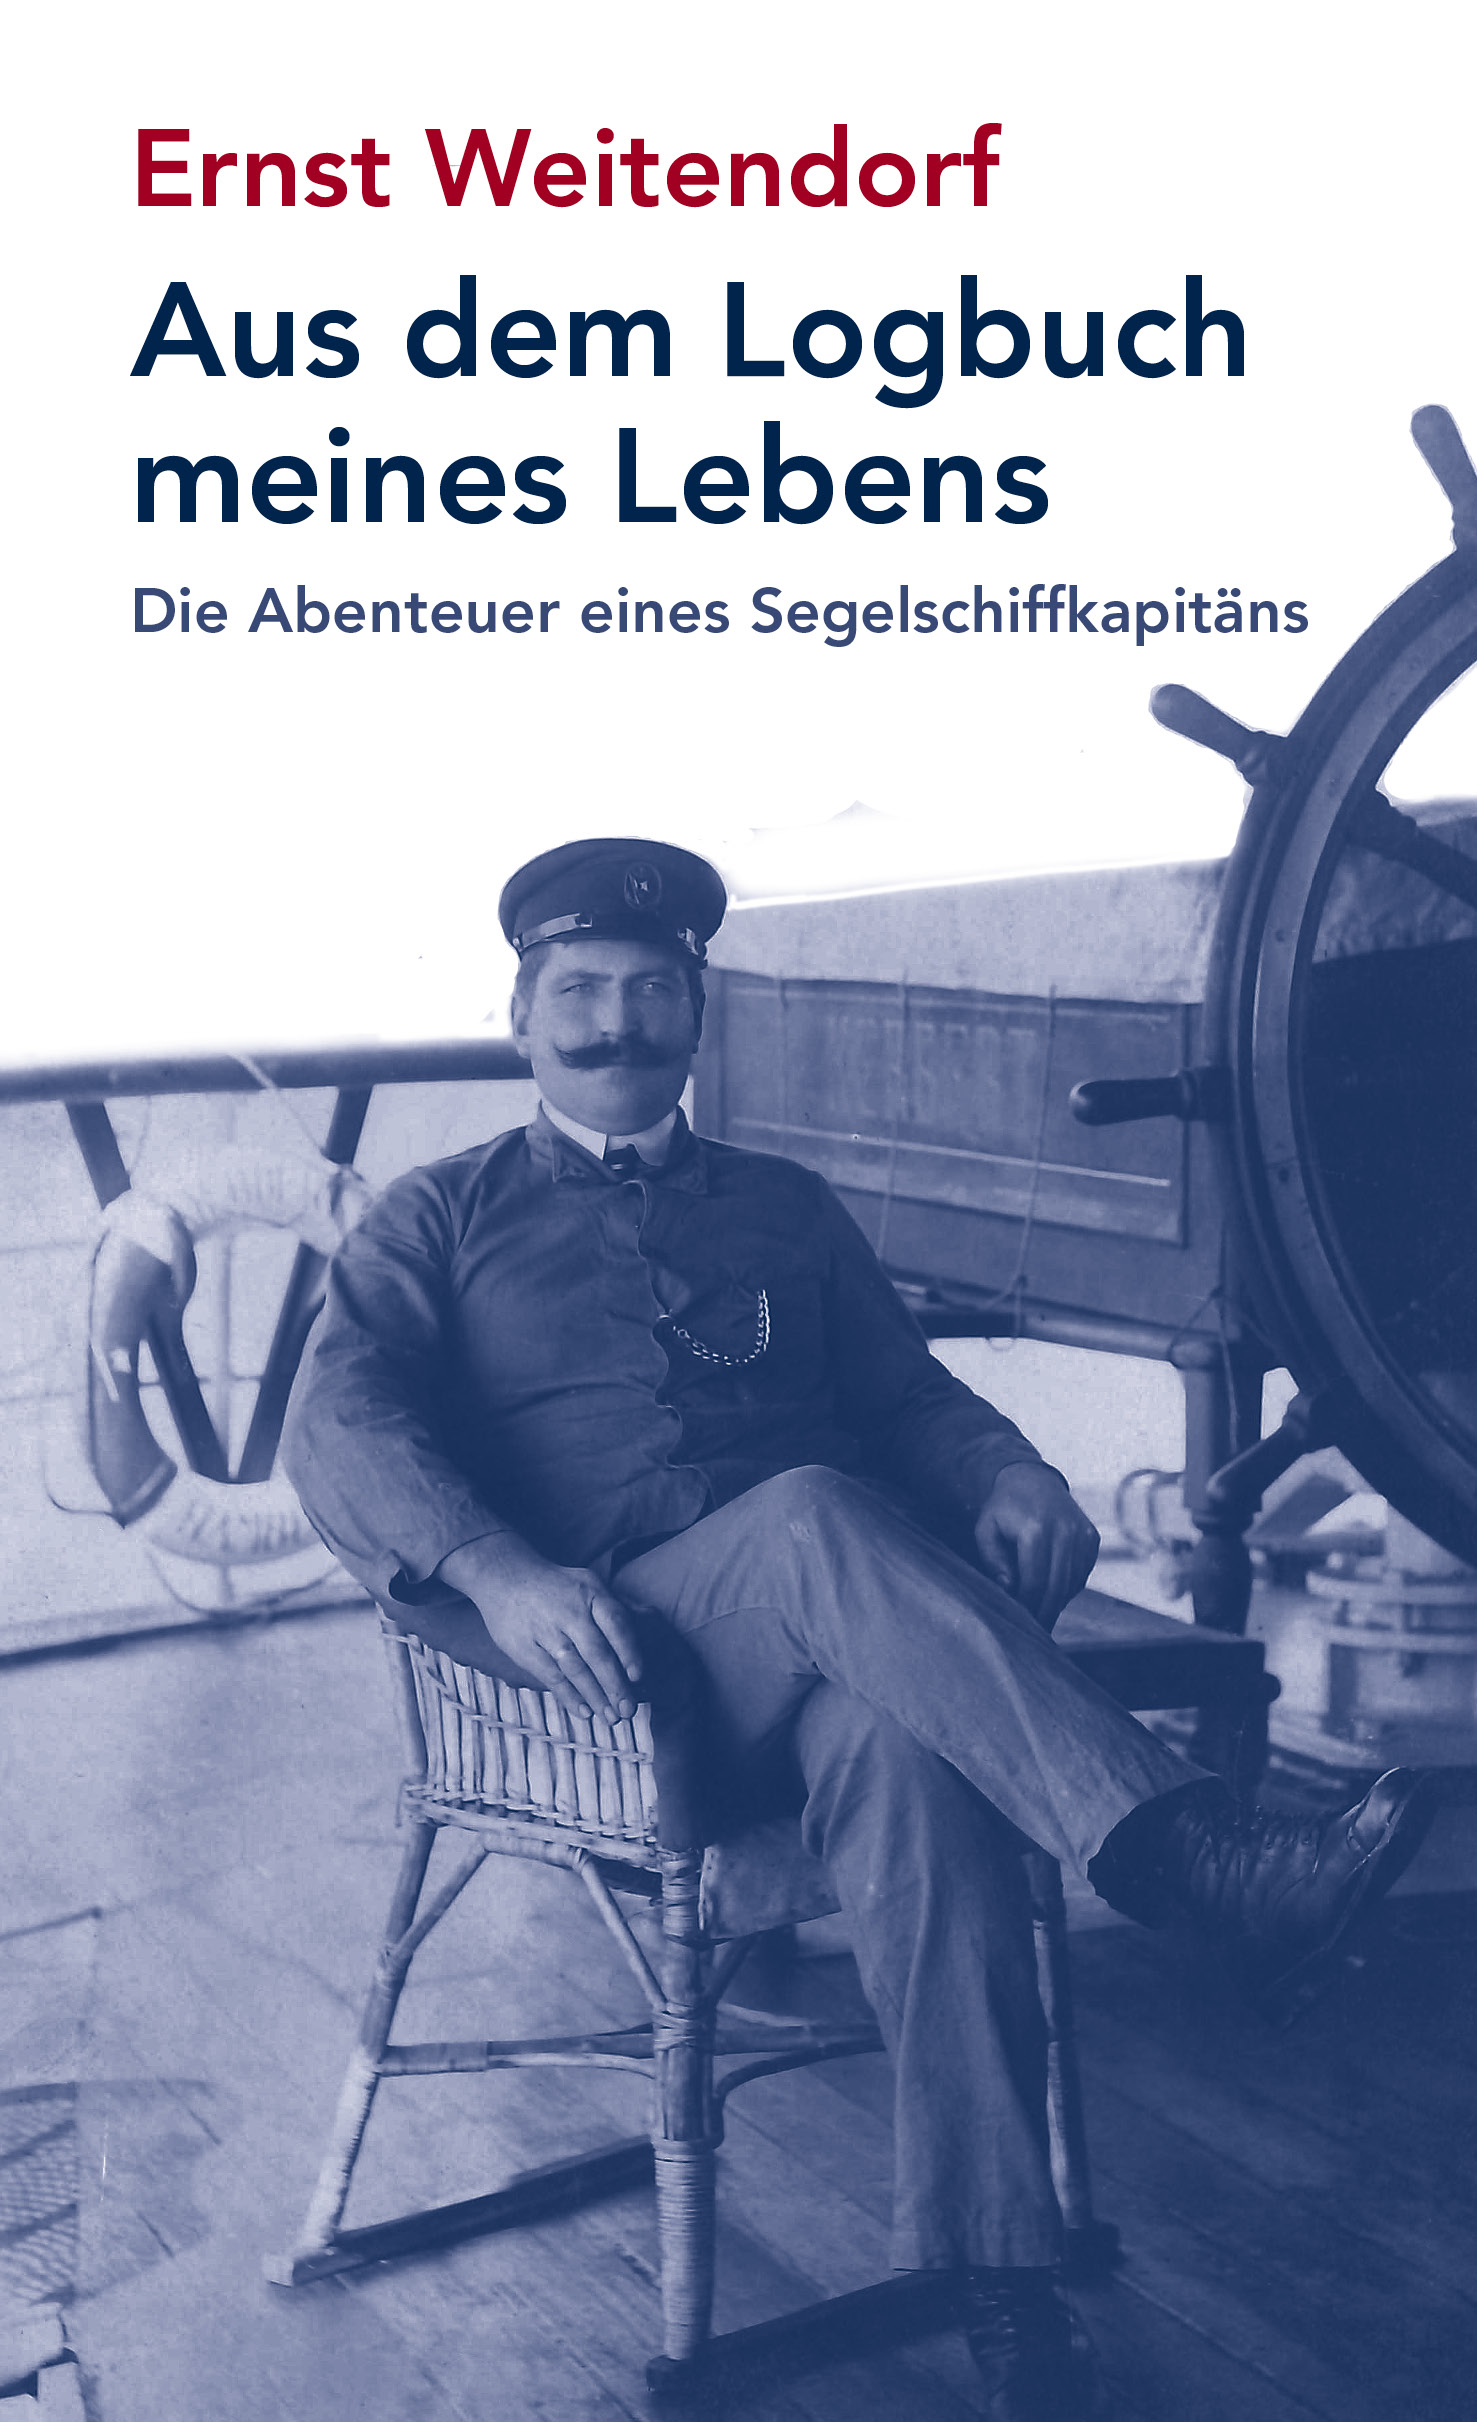 Aus dem Logbuch meines Lebens Ernst Weitendorf